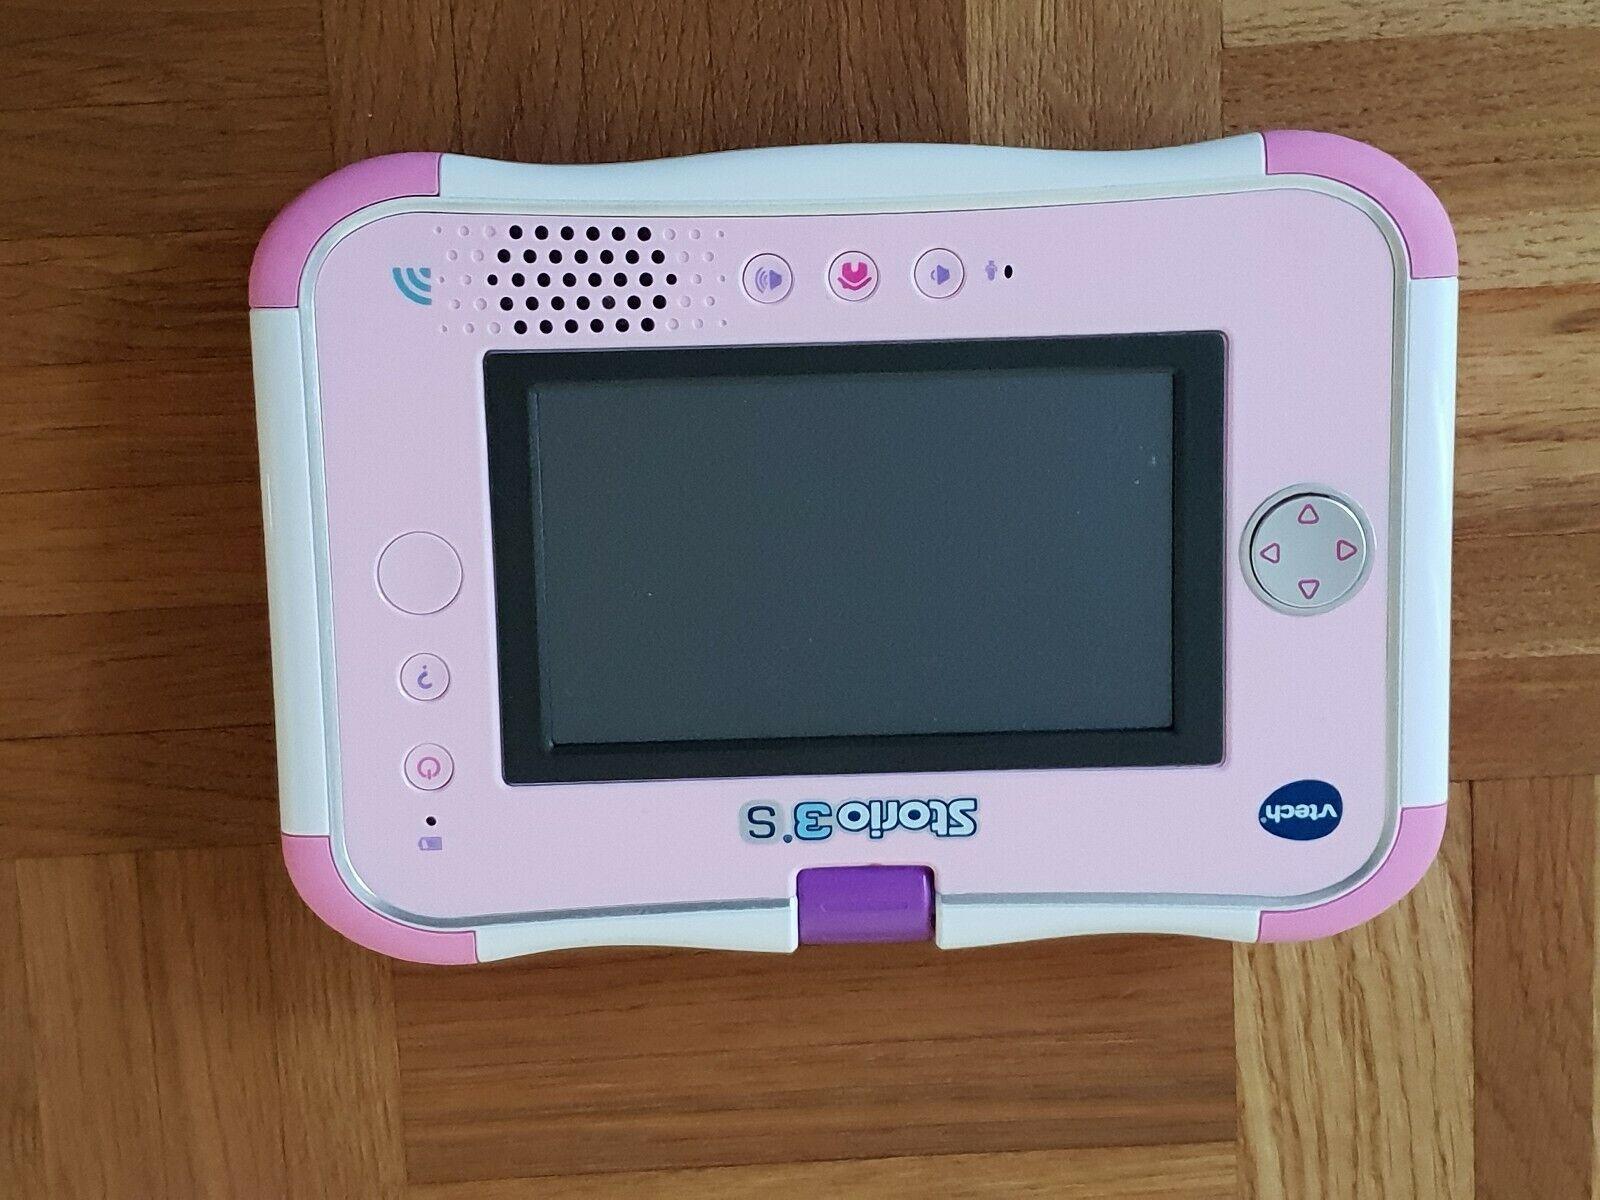 Spiele - und Lern-Tablet  Storio3 S  von vtech für Kinder